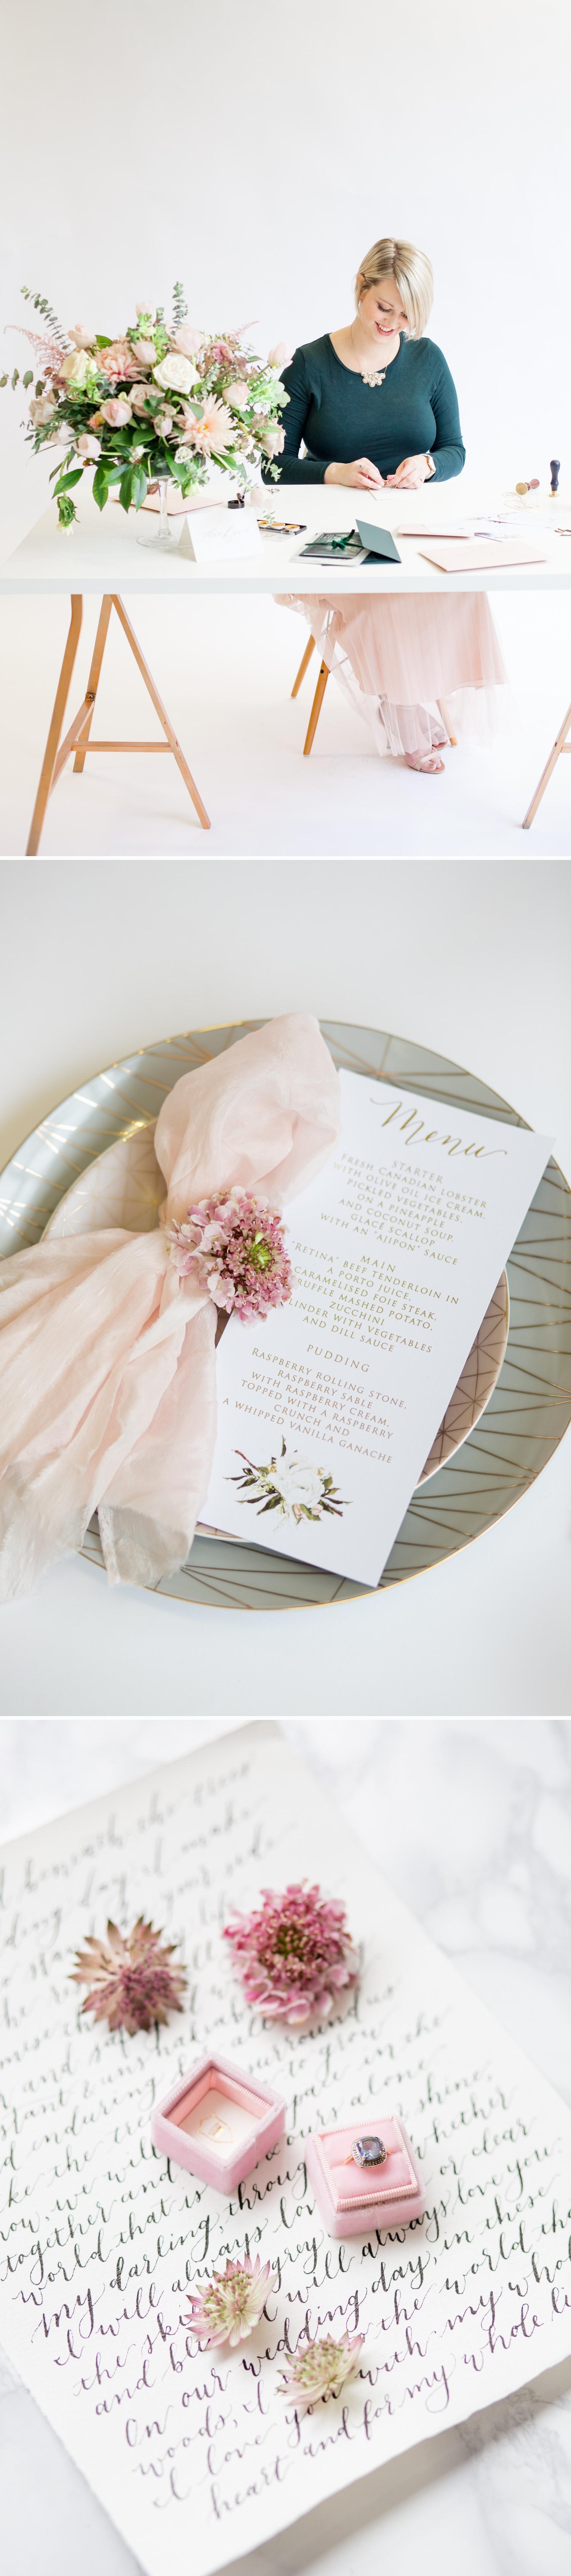 Personal Branding photoshoot. beautiful wedding calligraphy